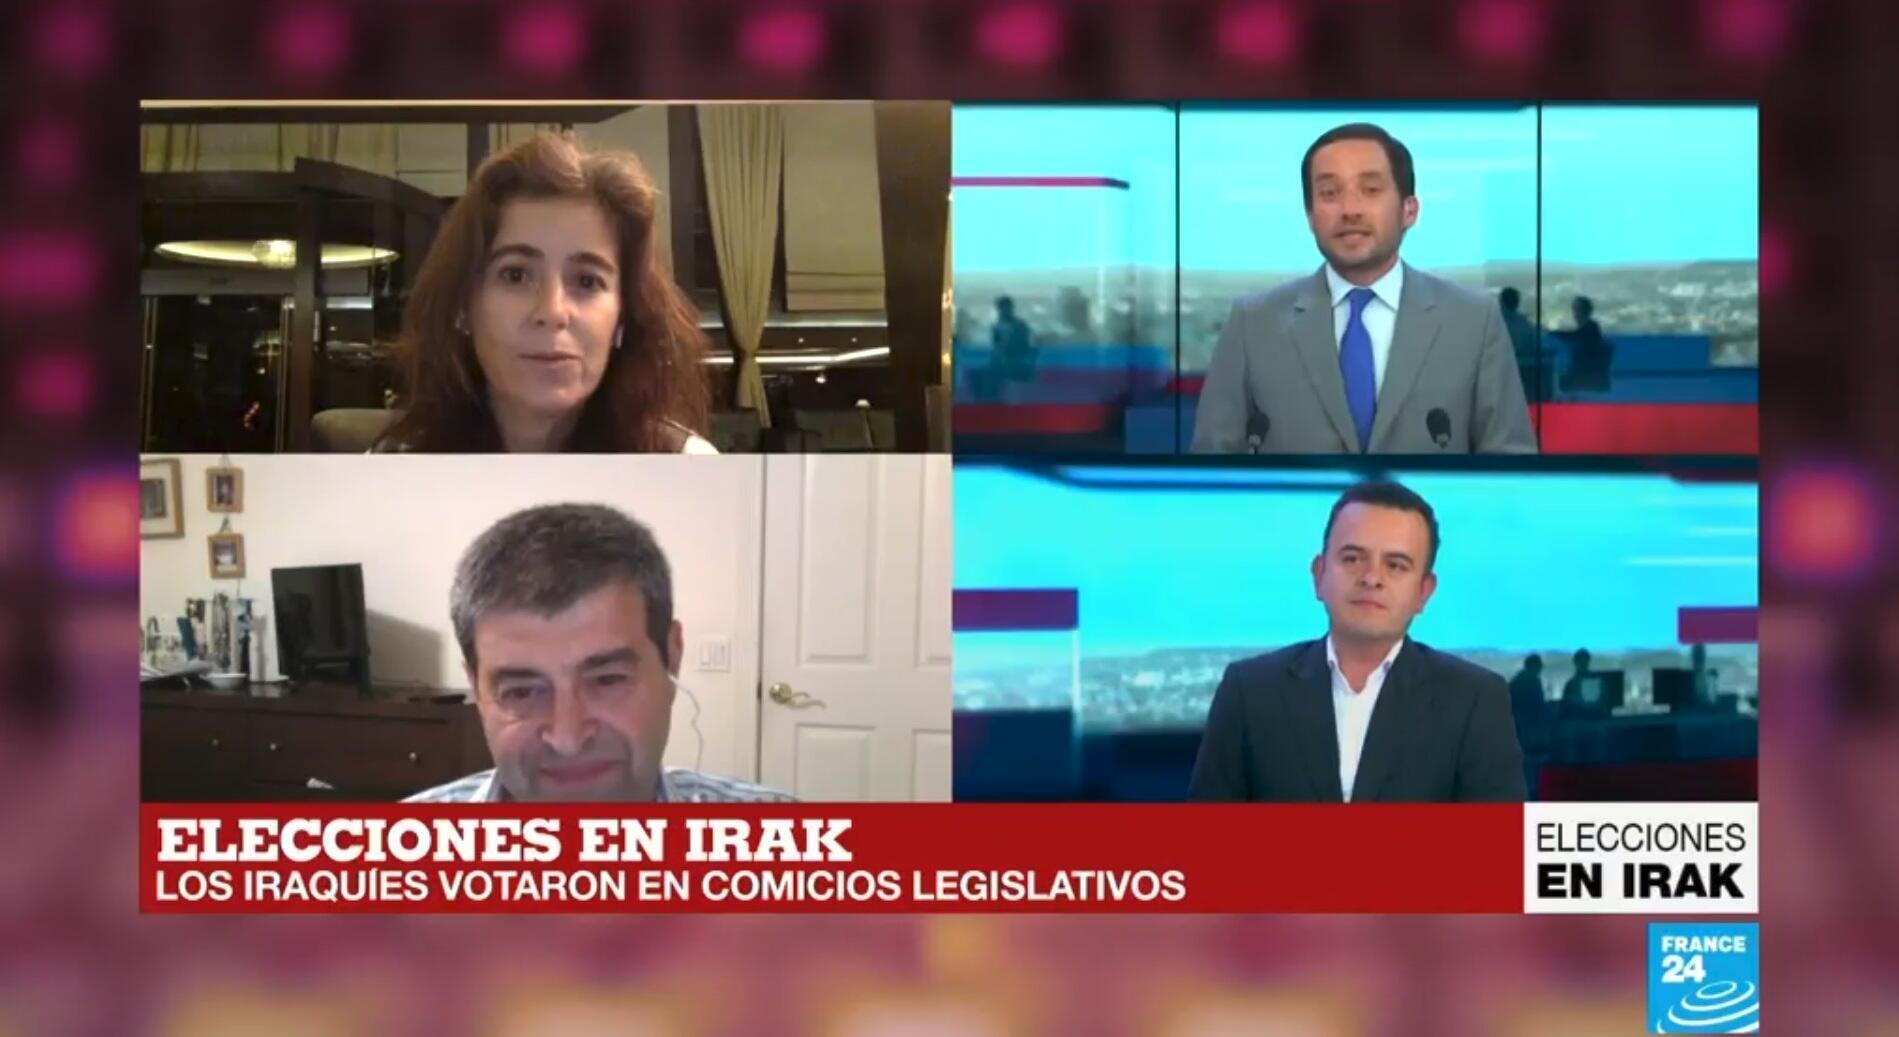 Santiago Aristía expuso el desarrollo de las elecciones iraquíes del 12 de mayo, en un programa especial de France 24.